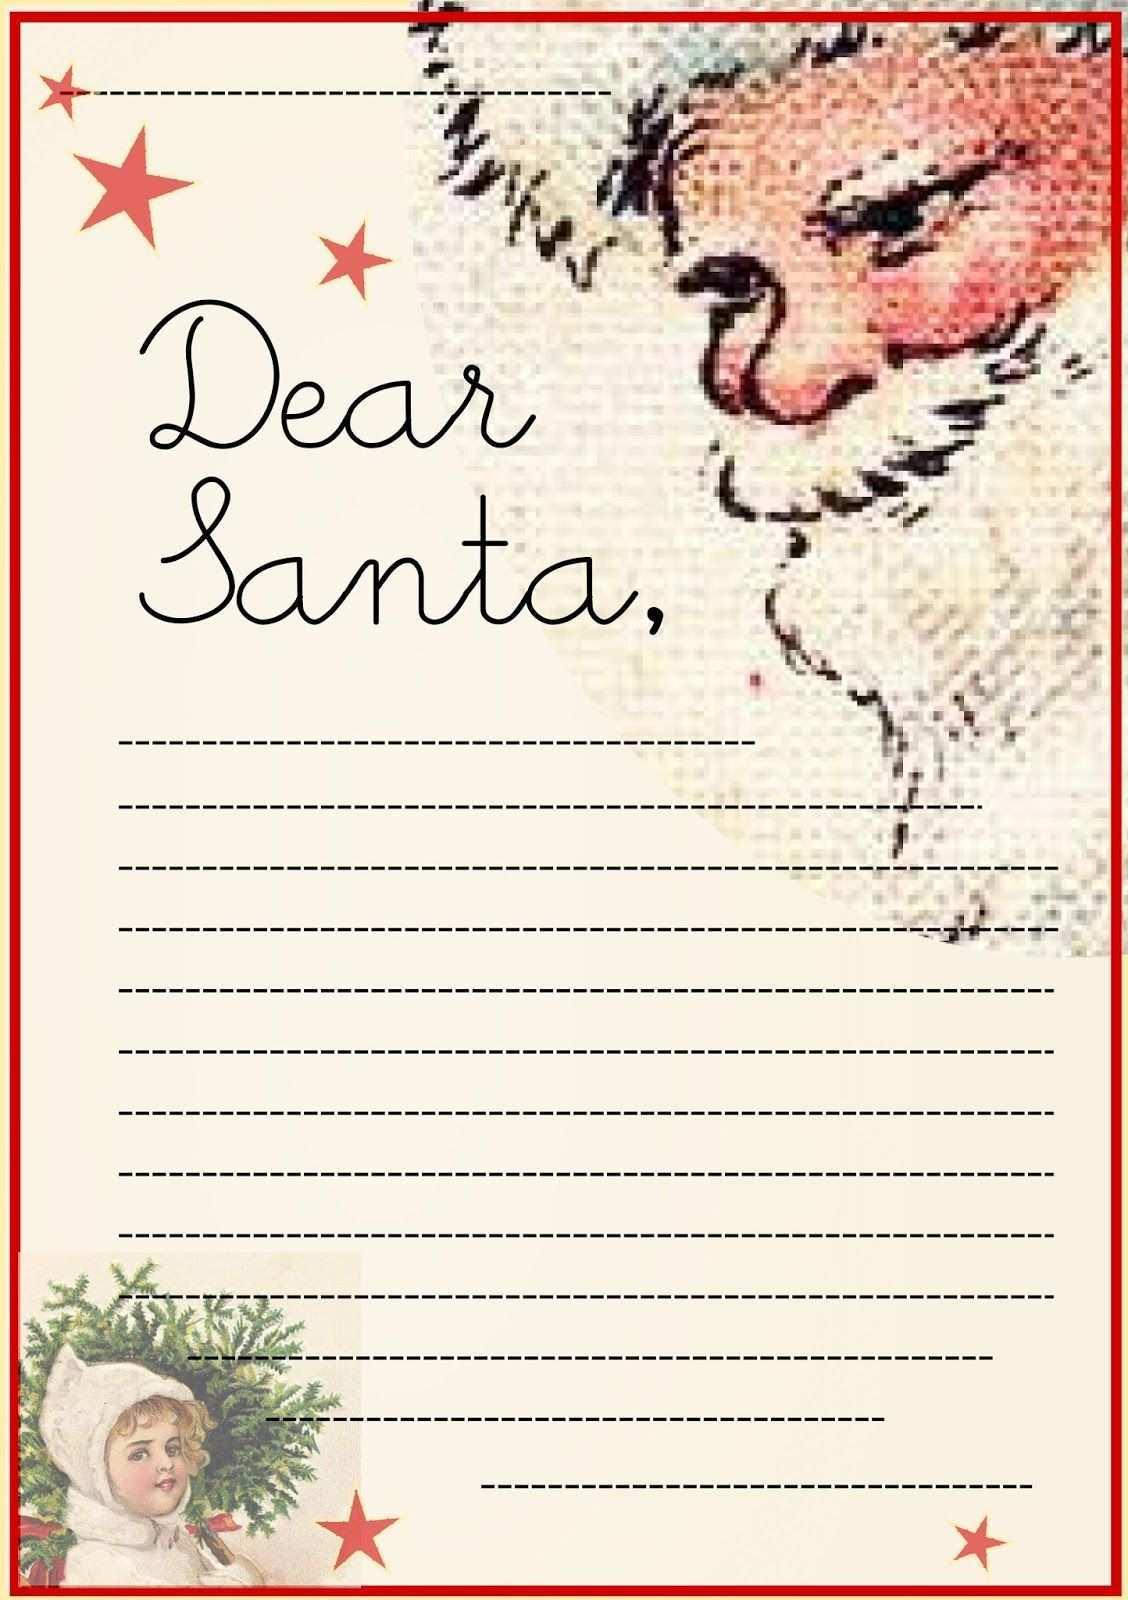 Free Printable Letter To Santa Claus Template For Children Wunschliste Fur Kinder Ausdruckbar Wunschliste Weihnachten Brief Vom Weihnachtsmann Vorlage Weihnachtsbuchstaben